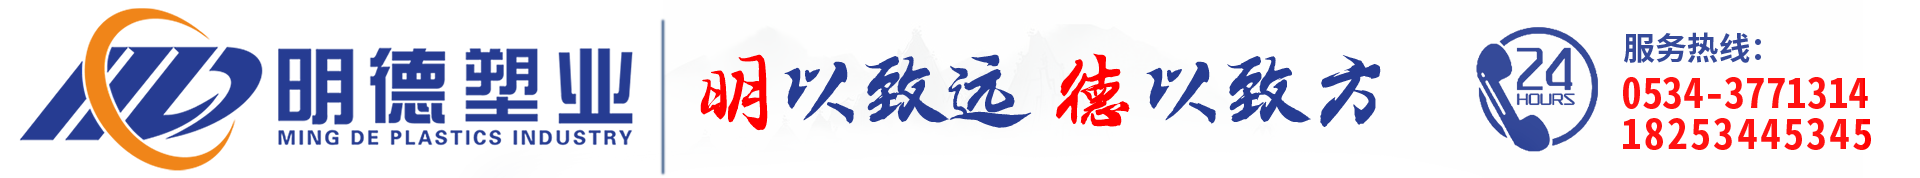 庆云明德塑业有限公司